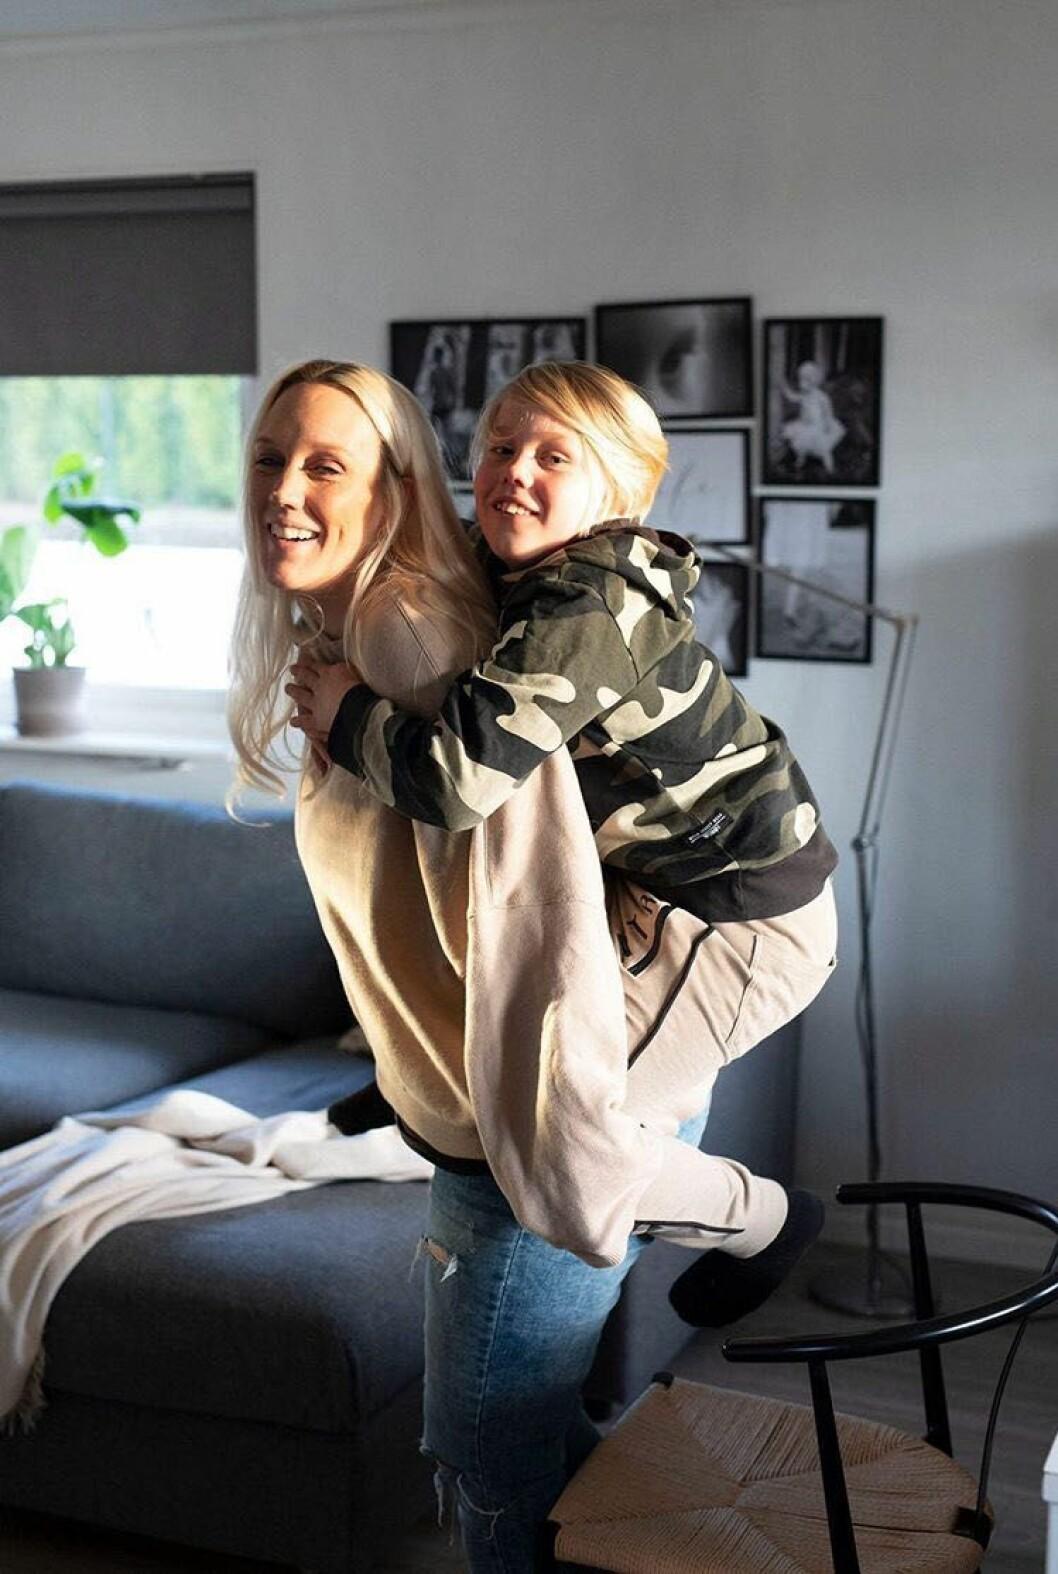 Madeleine Ilmrud och hela hennes familj vann svenskarnas hjärtan när de var med i Familjen Annorlunda.